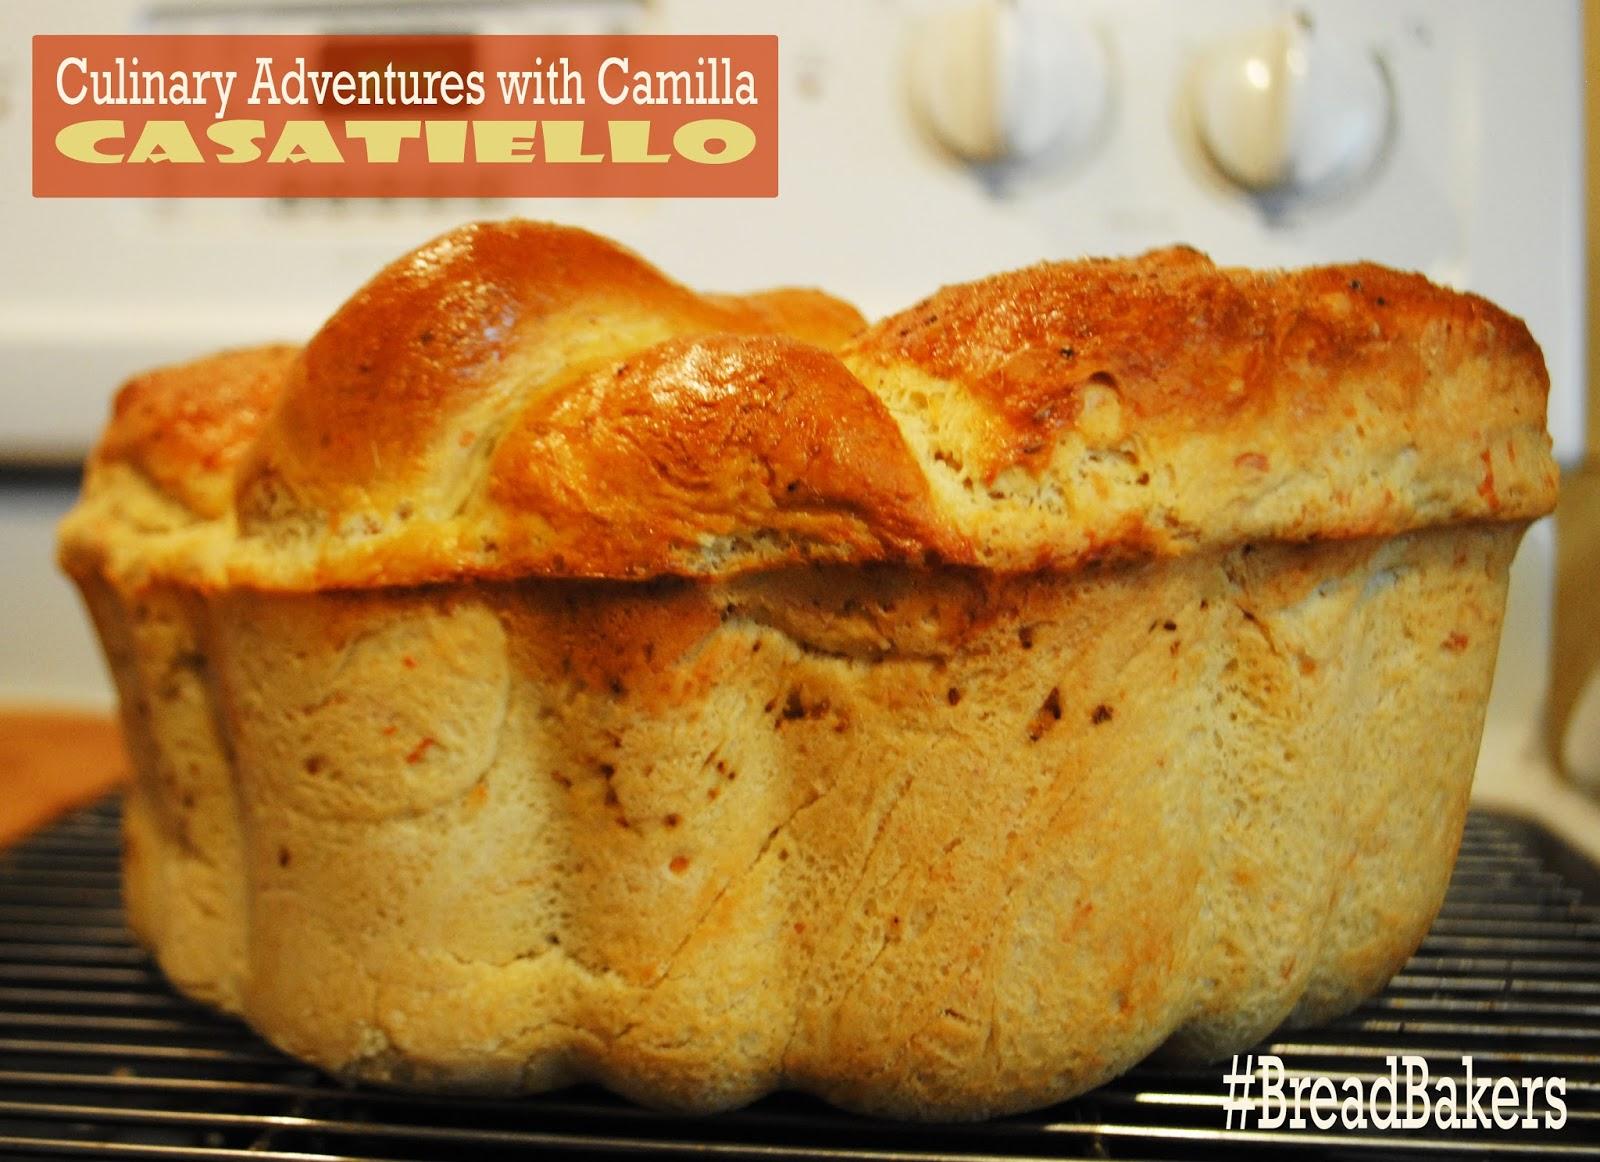 Food Lust People Love Bread Bakers